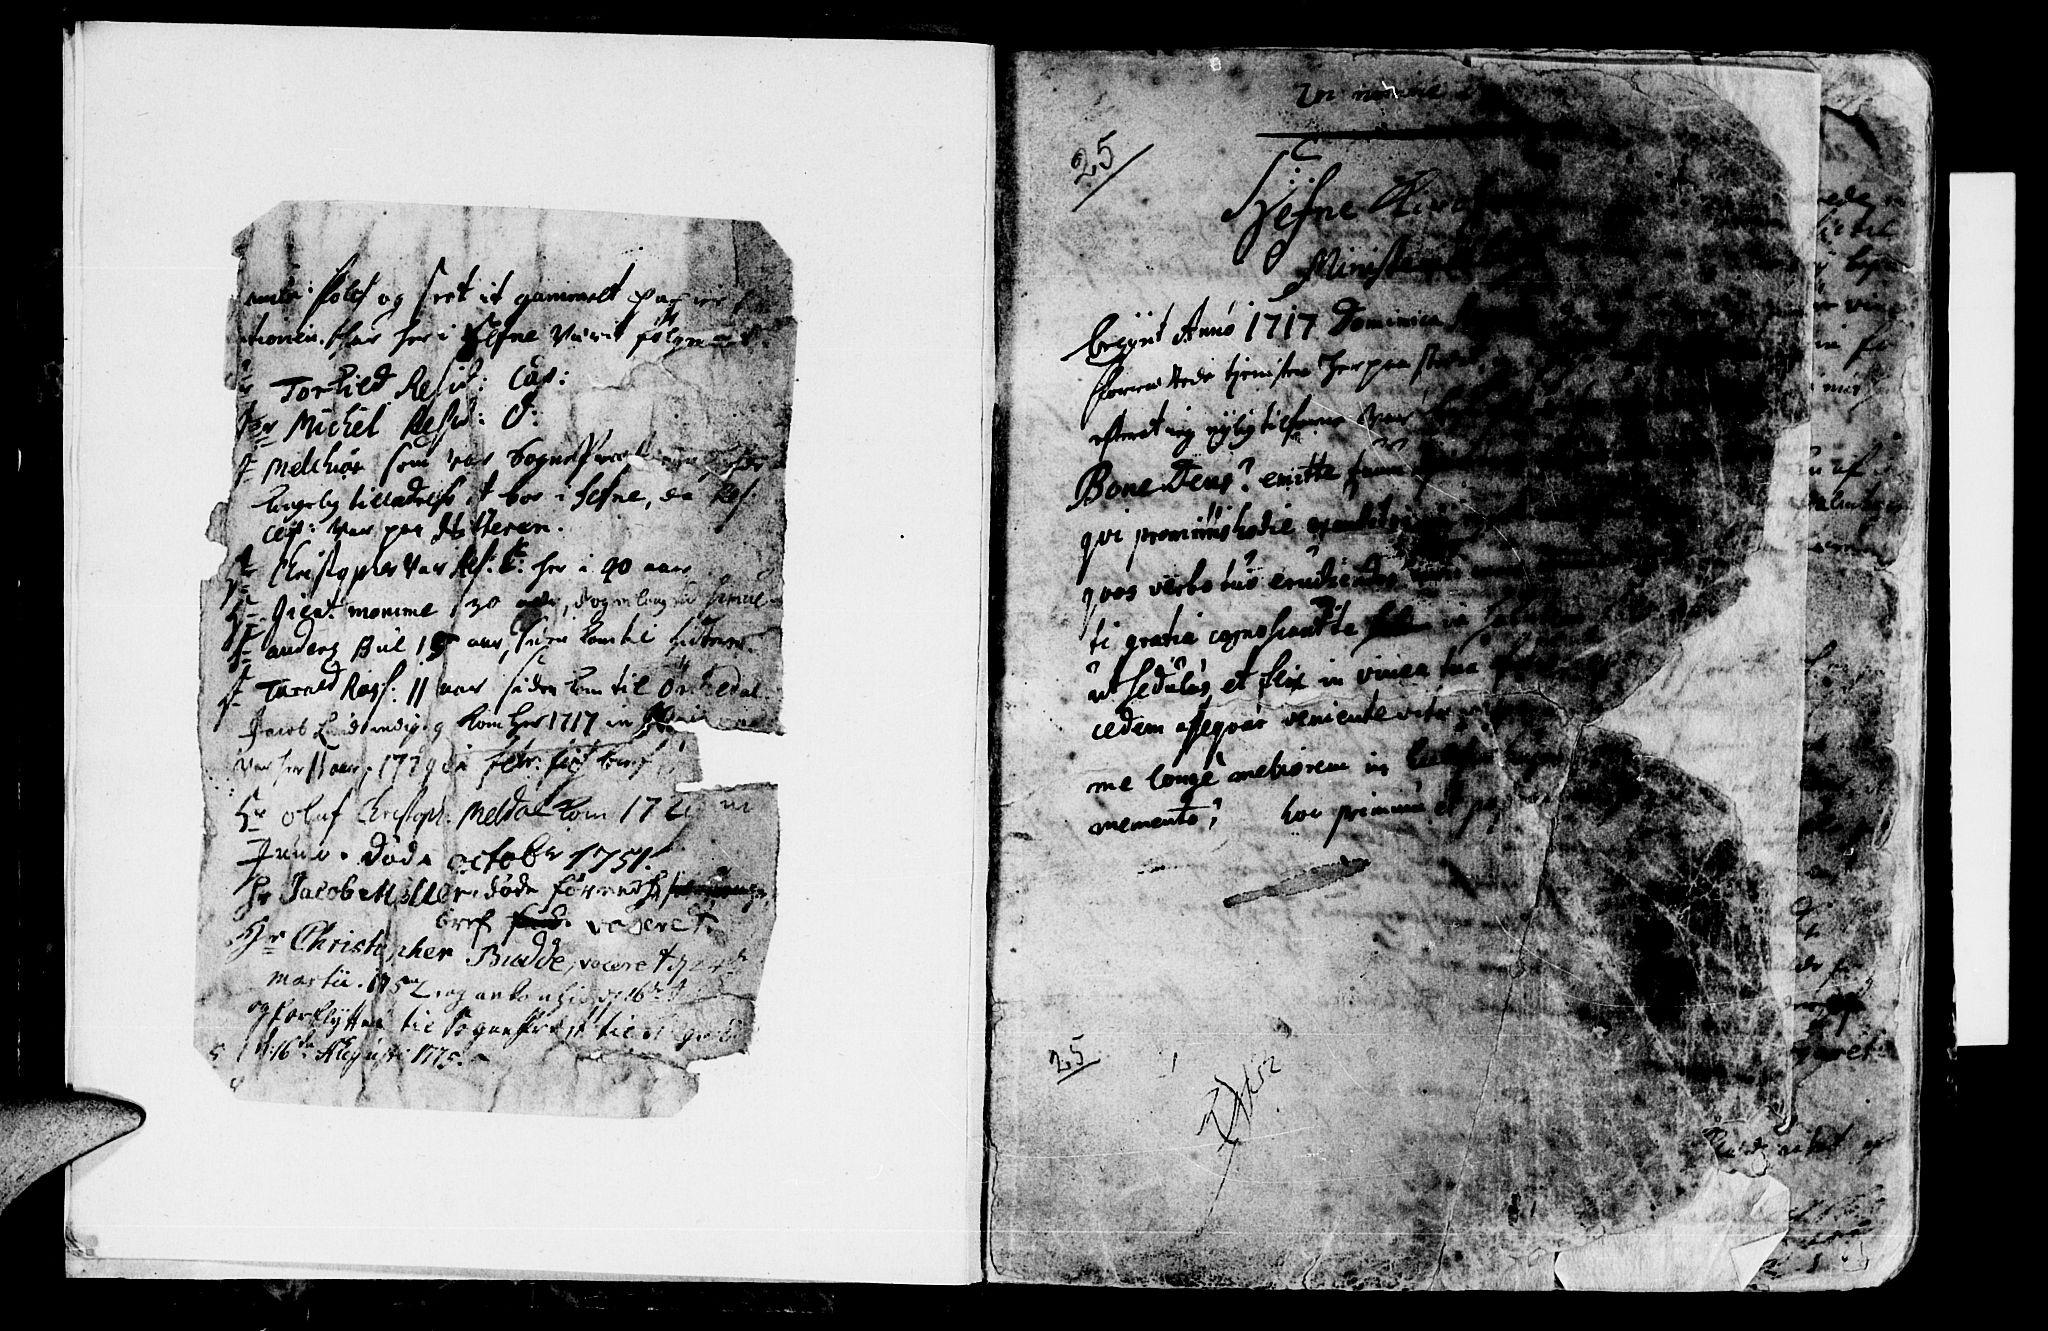 SAT, Ministerialprotokoller, klokkerbøker og fødselsregistre - Sør-Trøndelag, 630/L0488: Ministerialbok nr. 630A01, 1717-1756